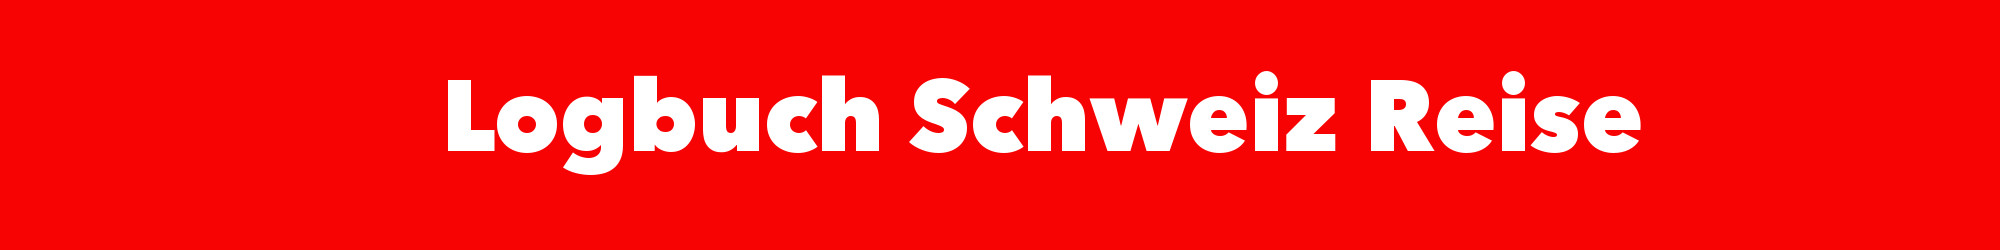 Logbuch Schweiz Reise